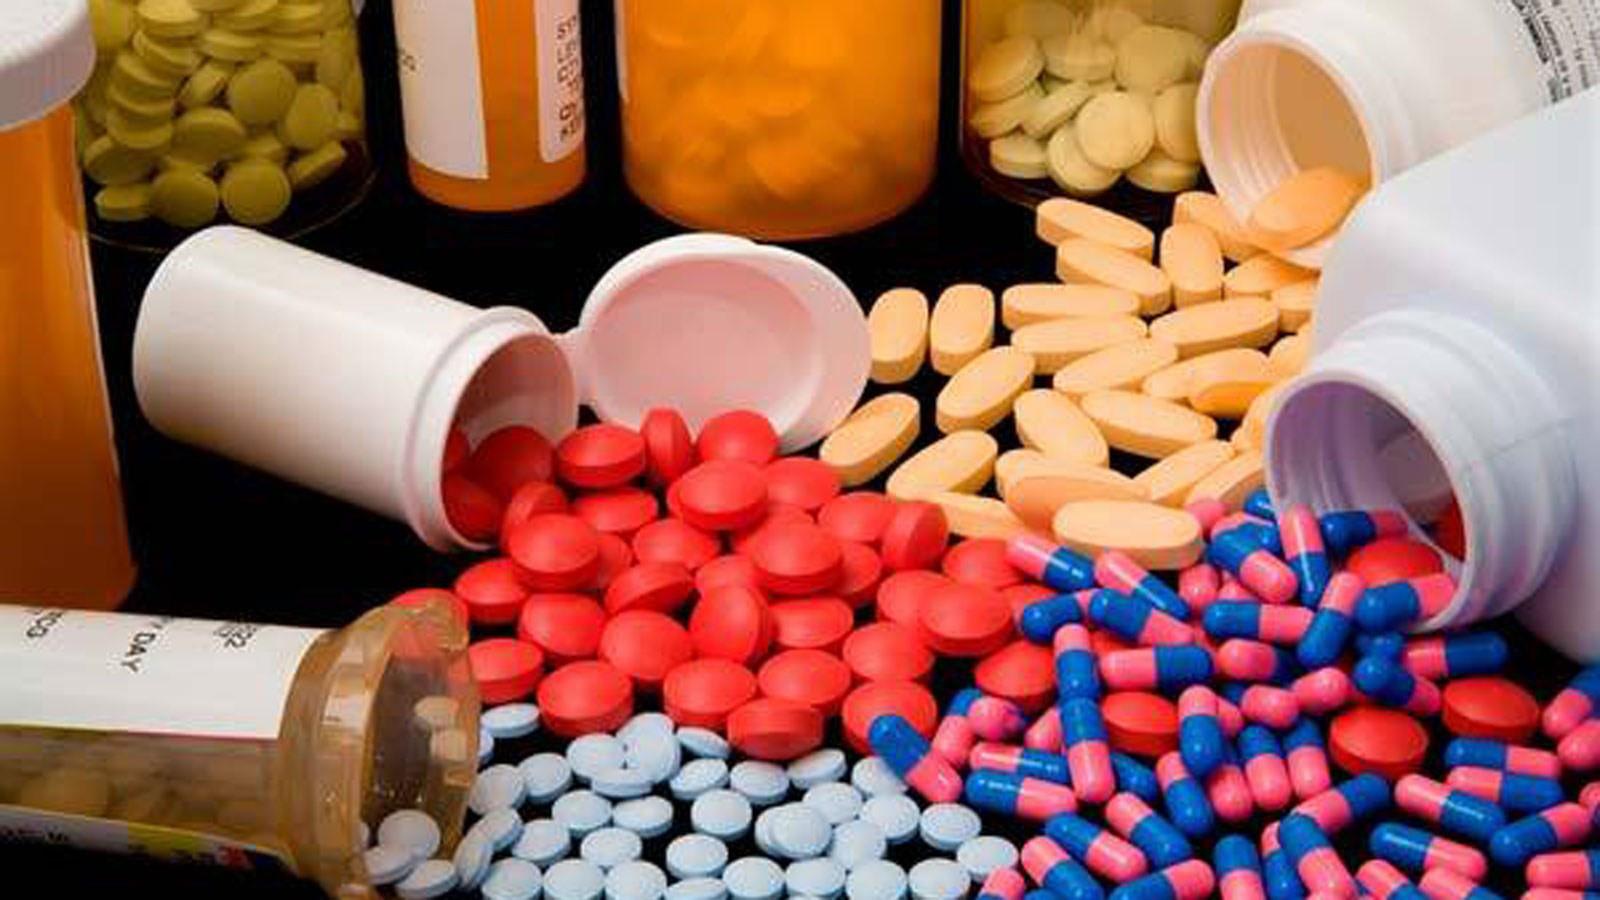 Sản xuất, buôn bán thuốc giả có bị xử lý hình sự? - Ảnh 1